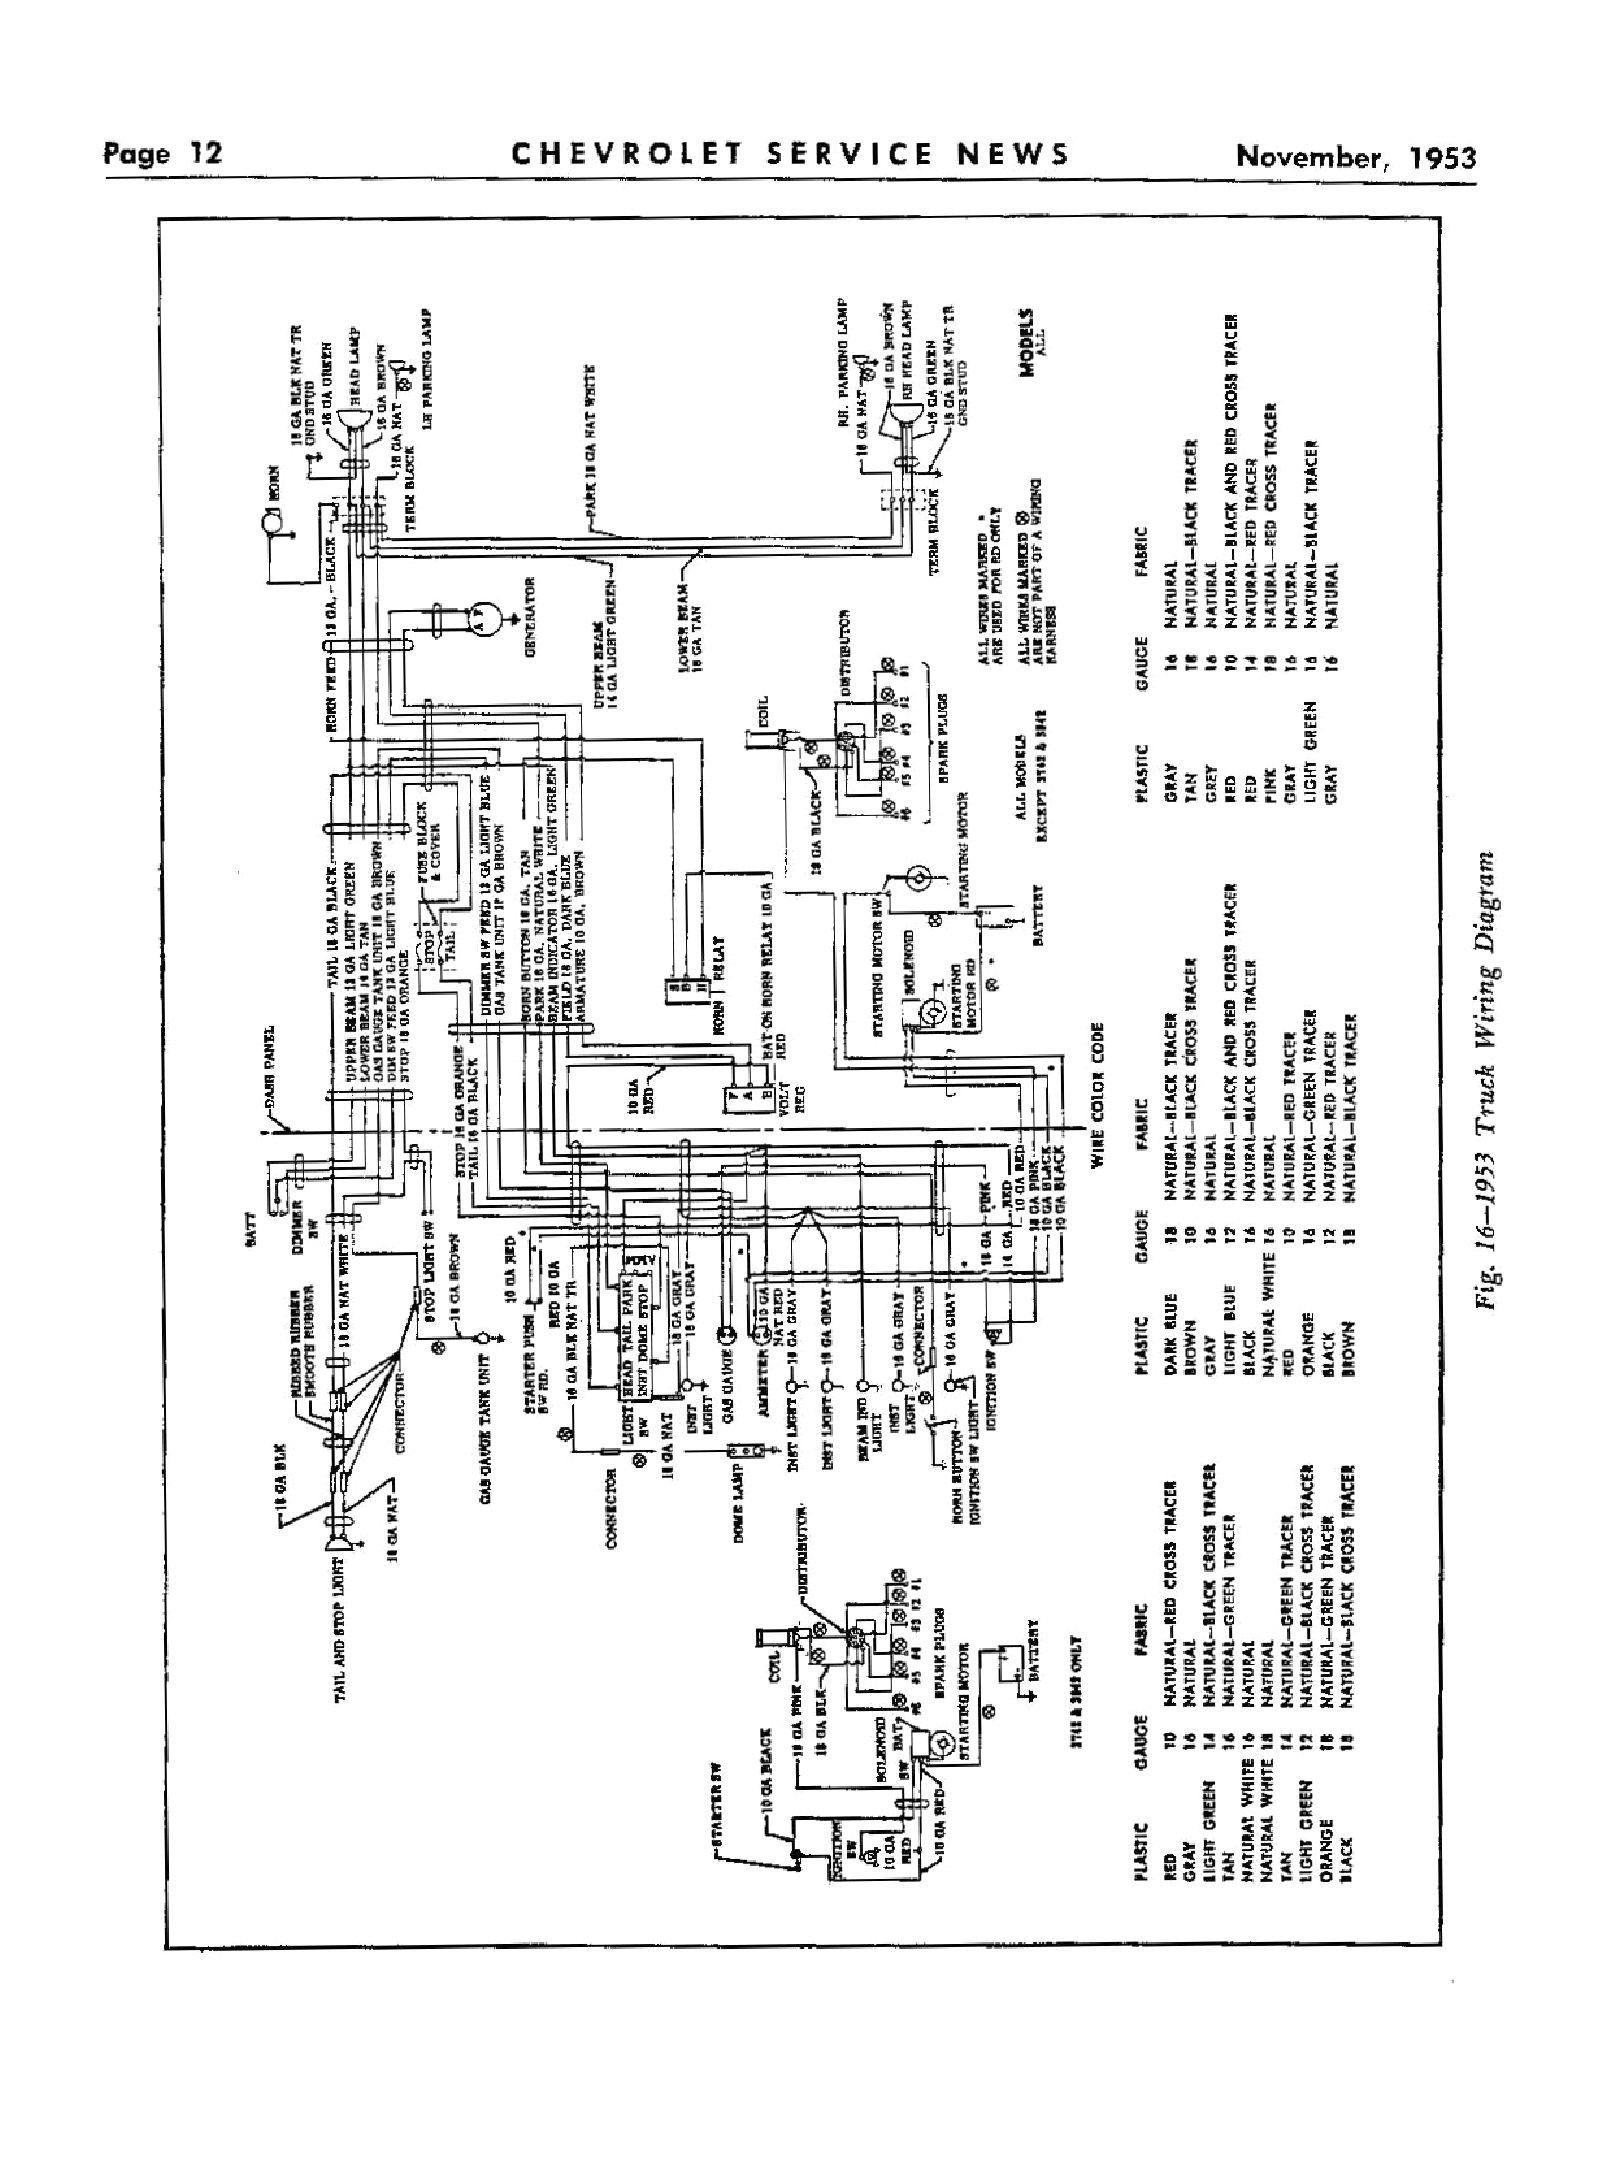 Wiring Diagram For Car Stereo  Diagram  Diagramtemplate  Diagramsample